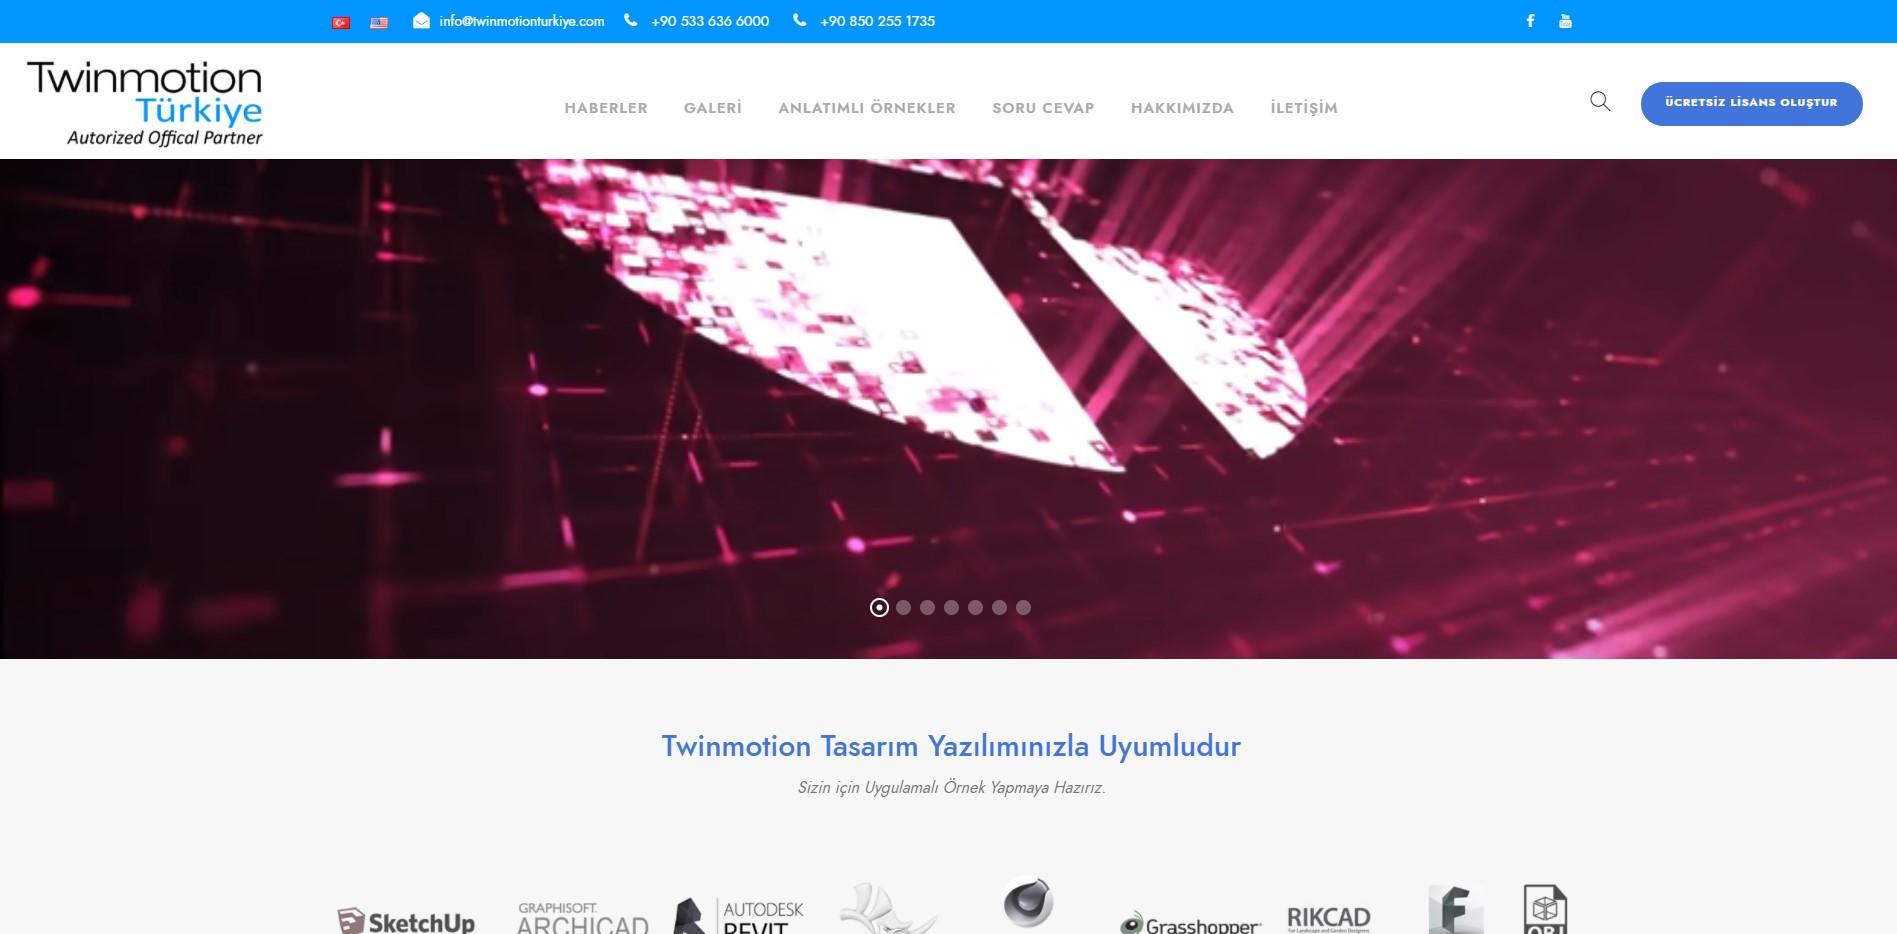 Twinmotion Türkiye